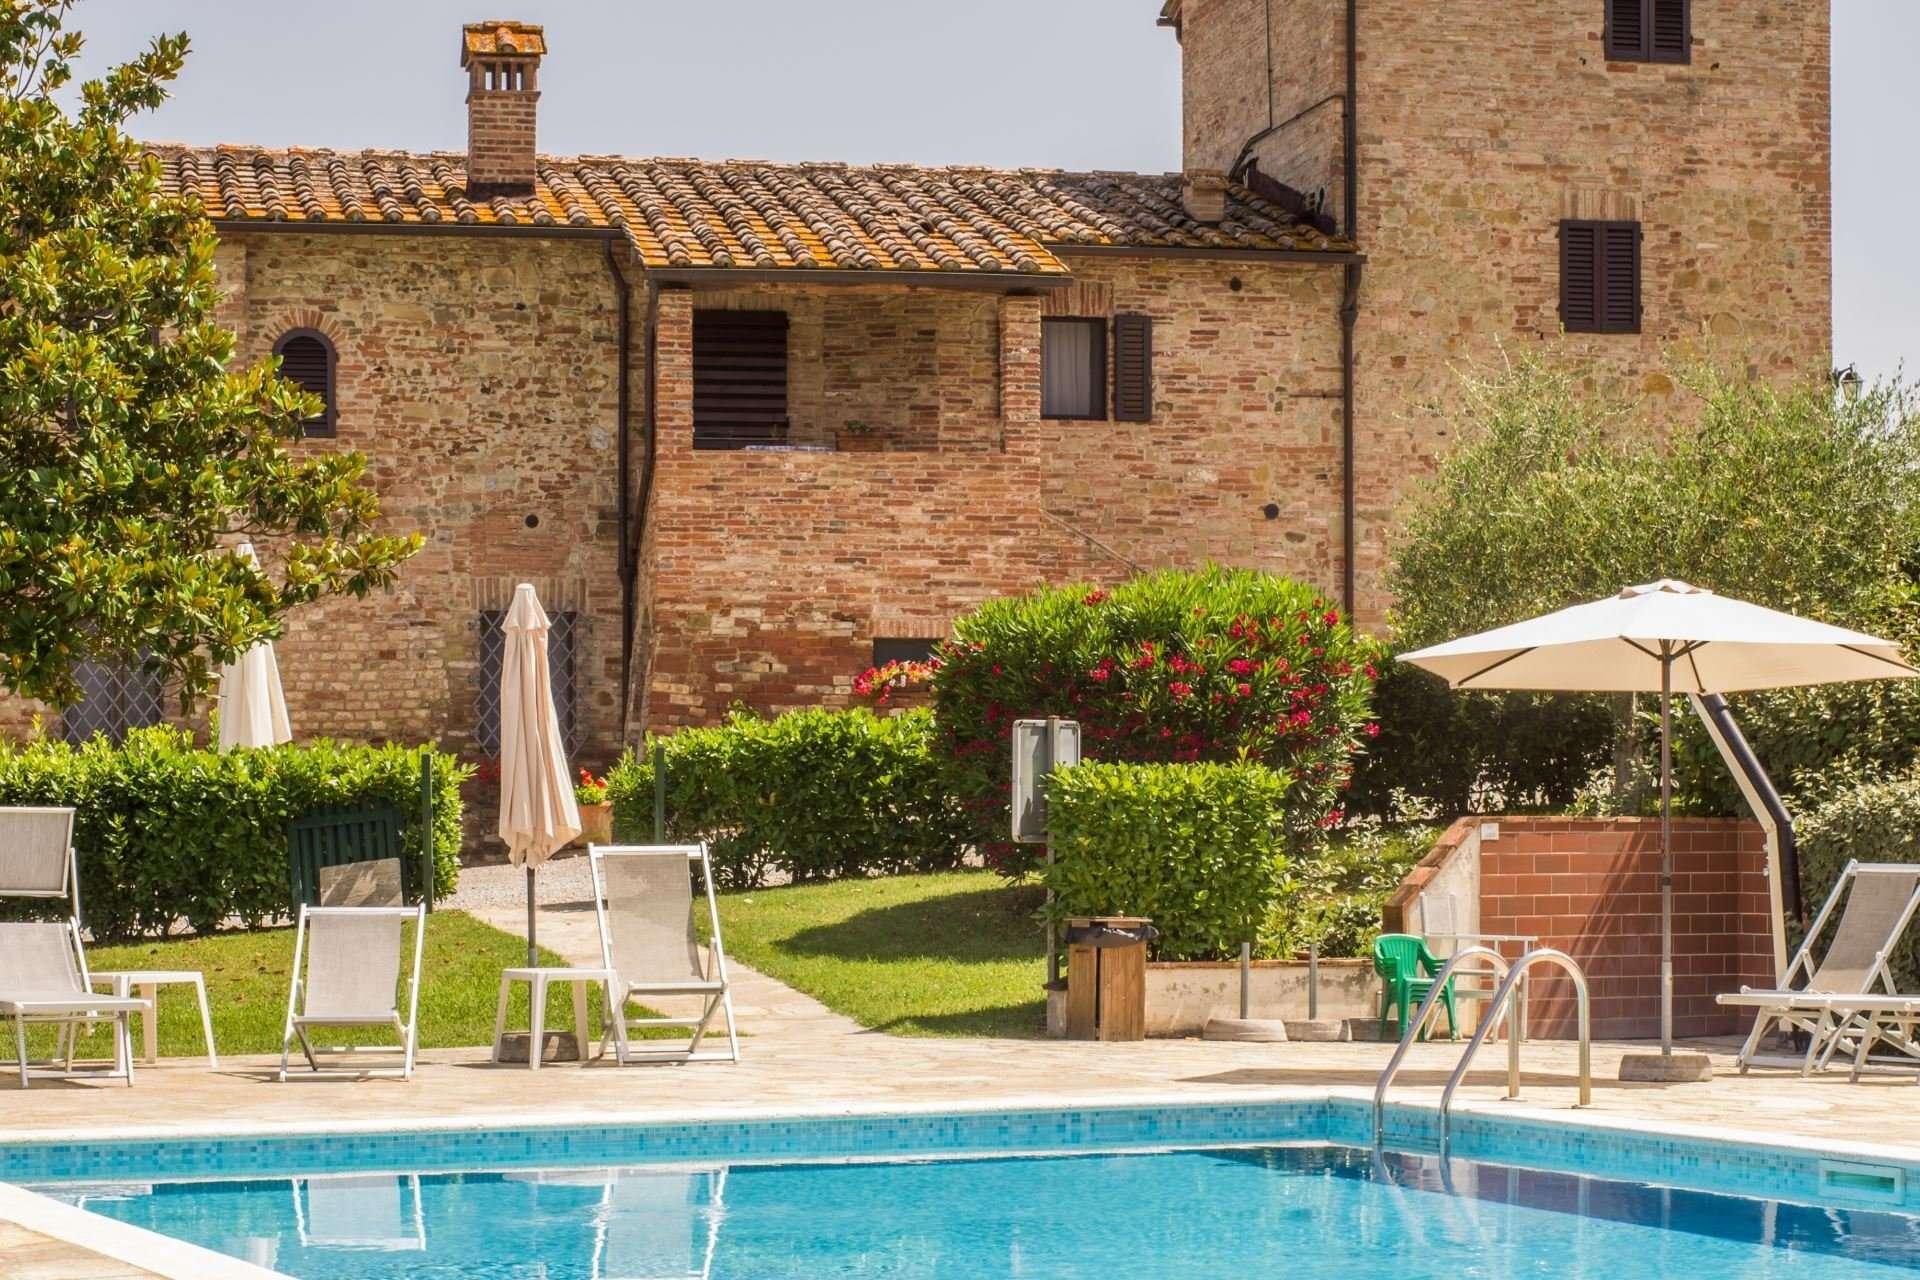 caselsa-zwembad en huis